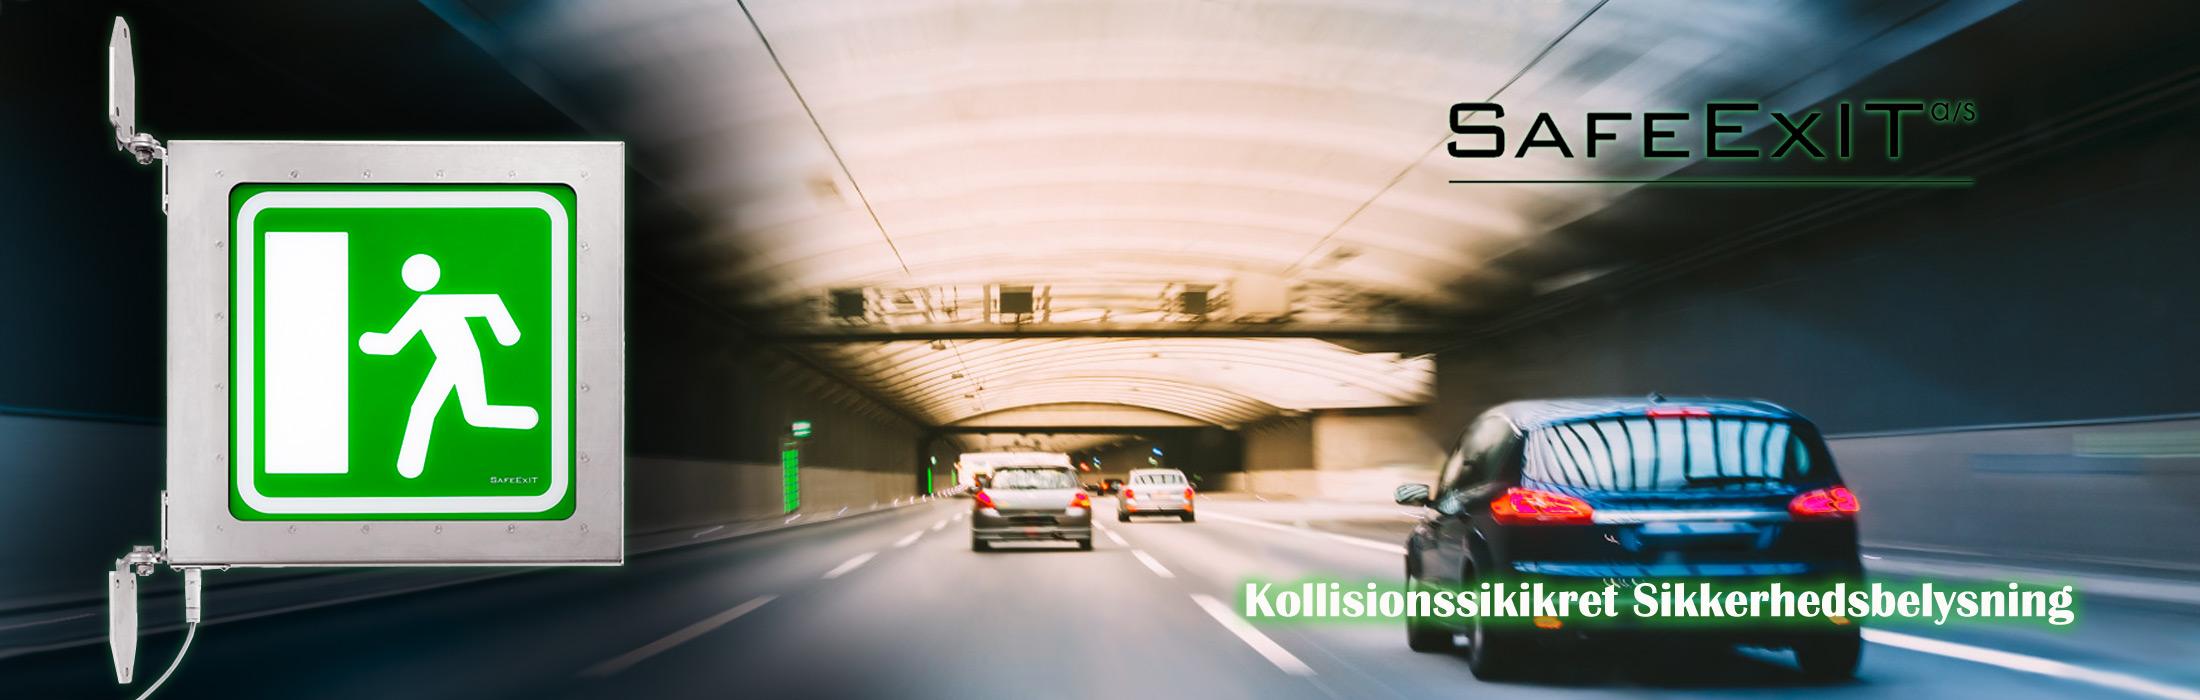 Sikkerhedsbelysning til vejtuneller LED lysarmatur industrielt design og produktudvikling